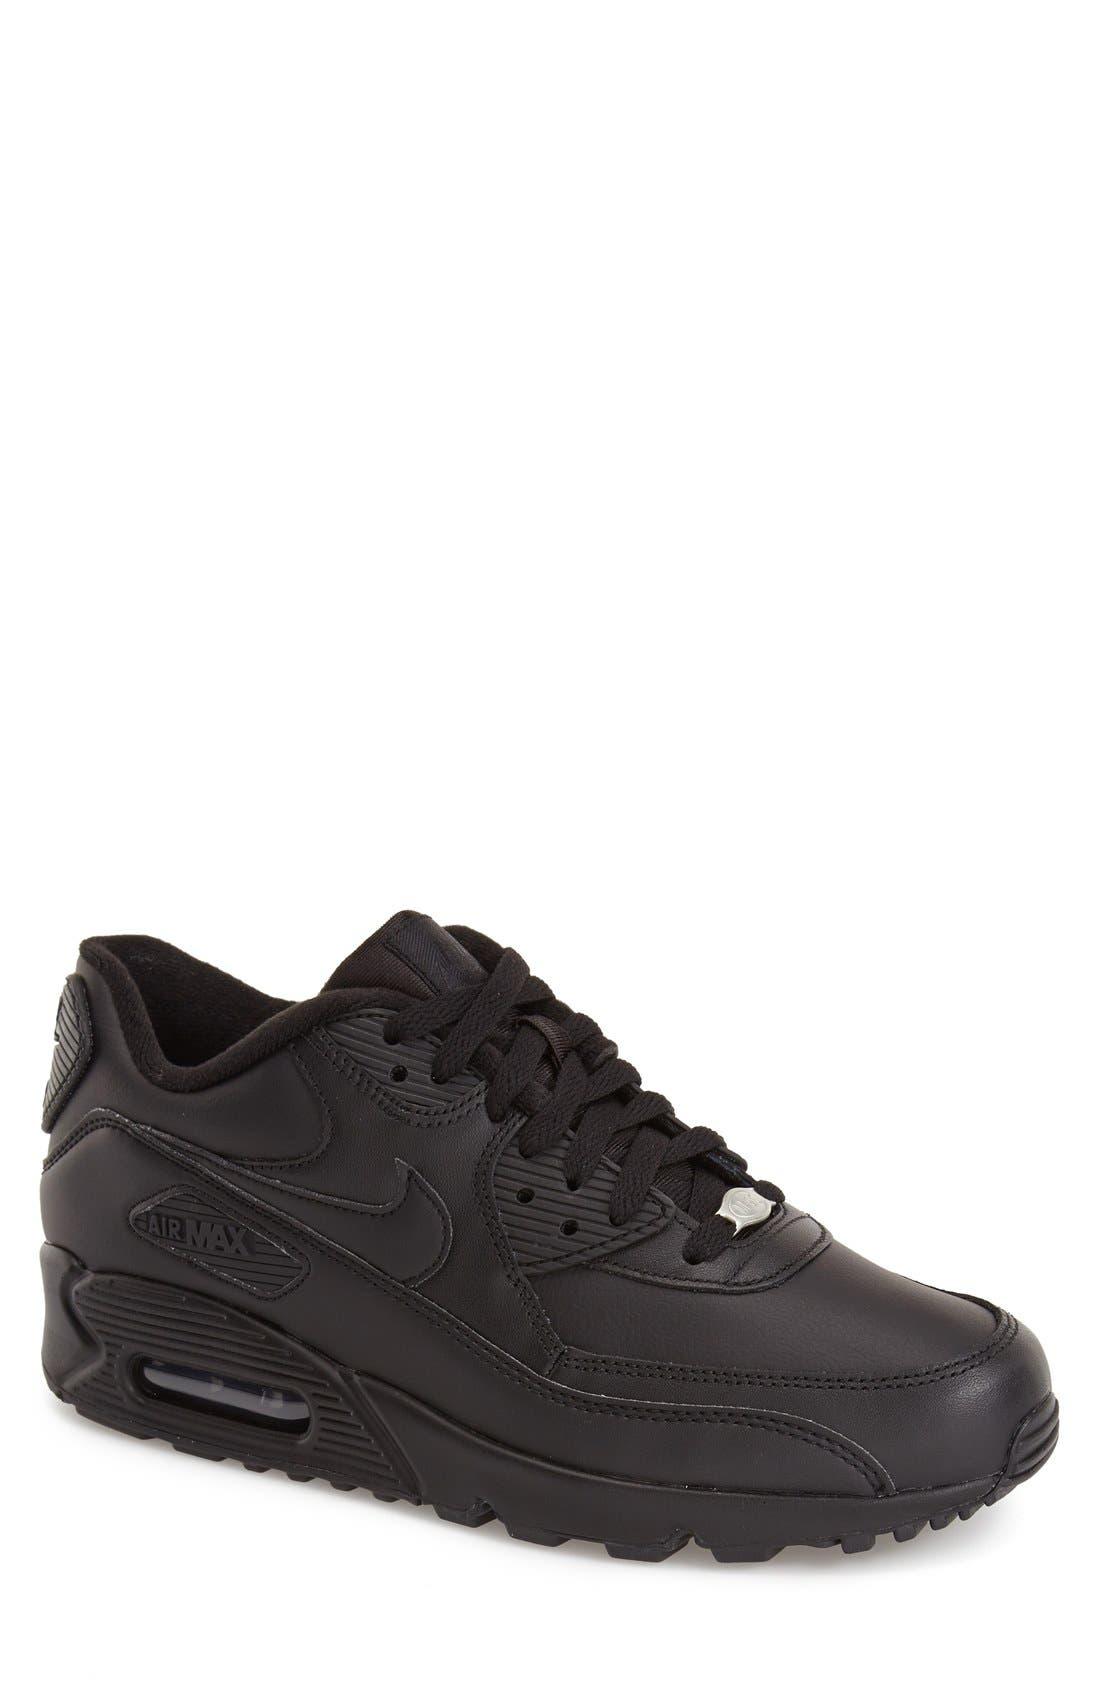 Alternate Image 1 Selected - Nike 'Air Max 90' Leather Sneaker (Men)